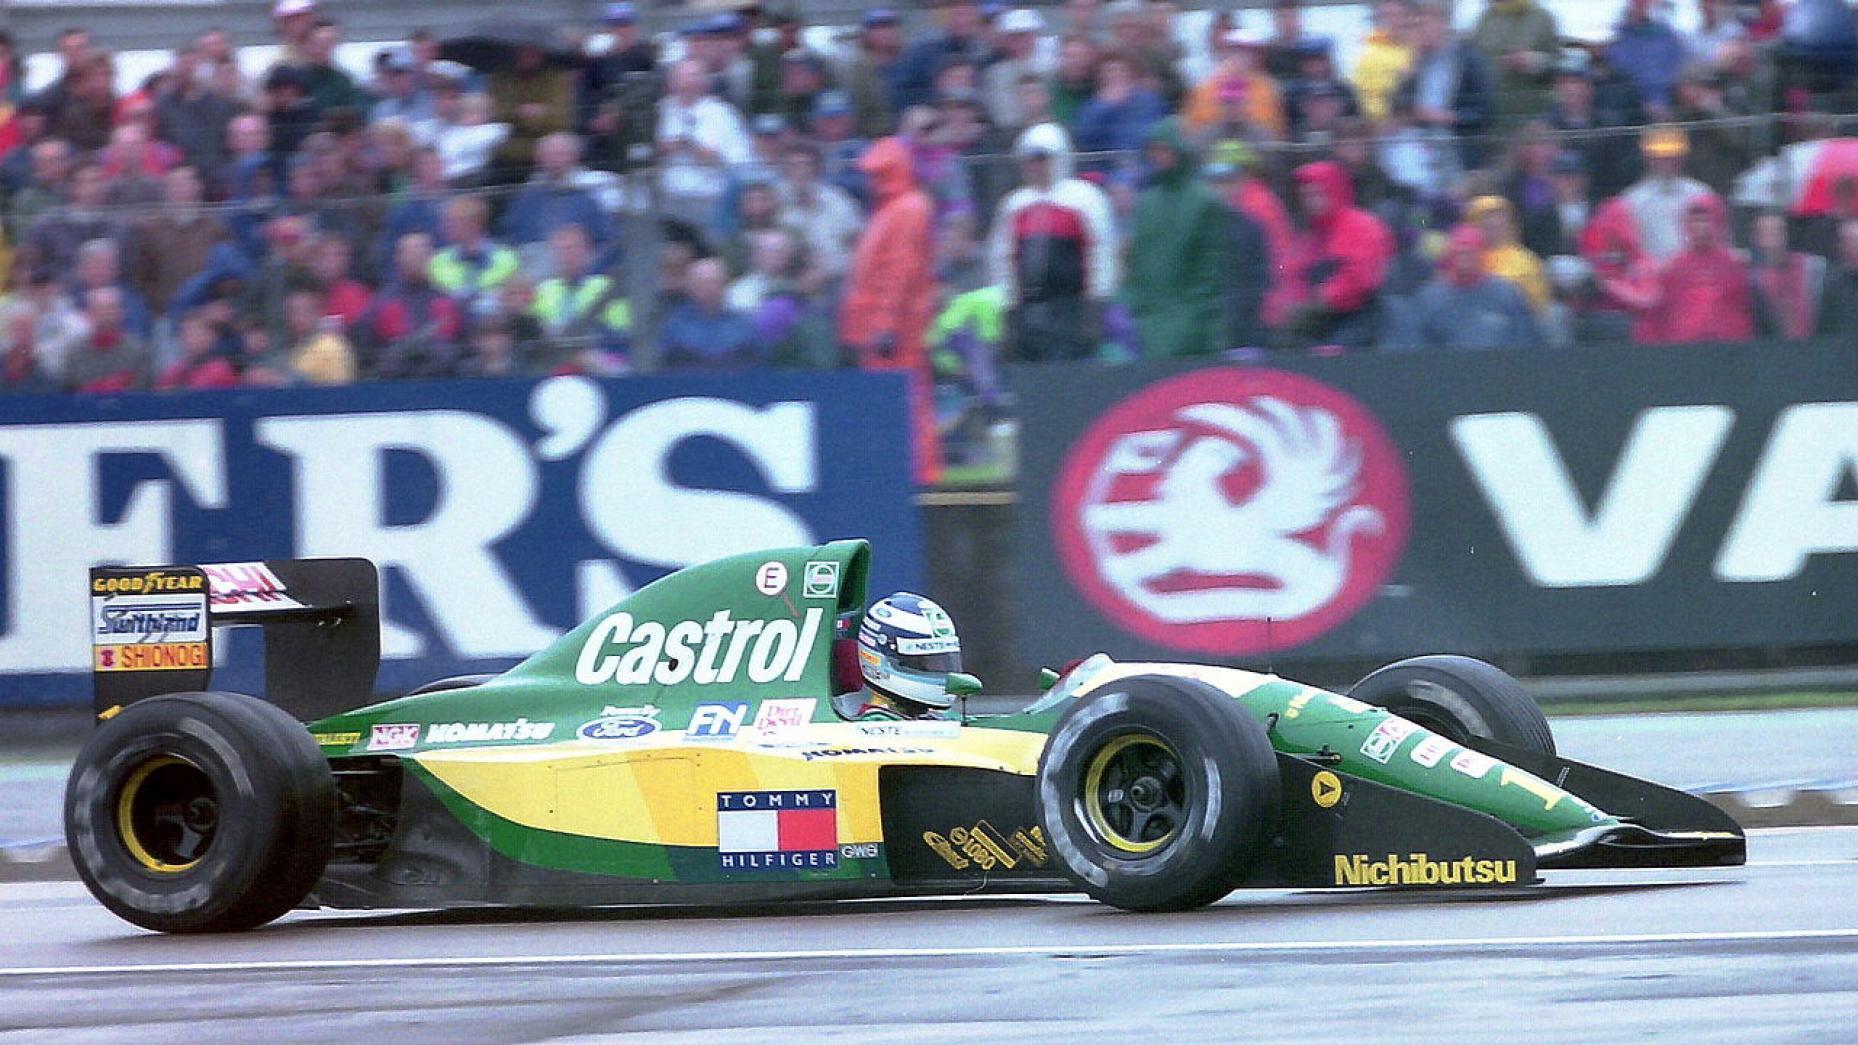 Campeones F1: Mika Hakkinen